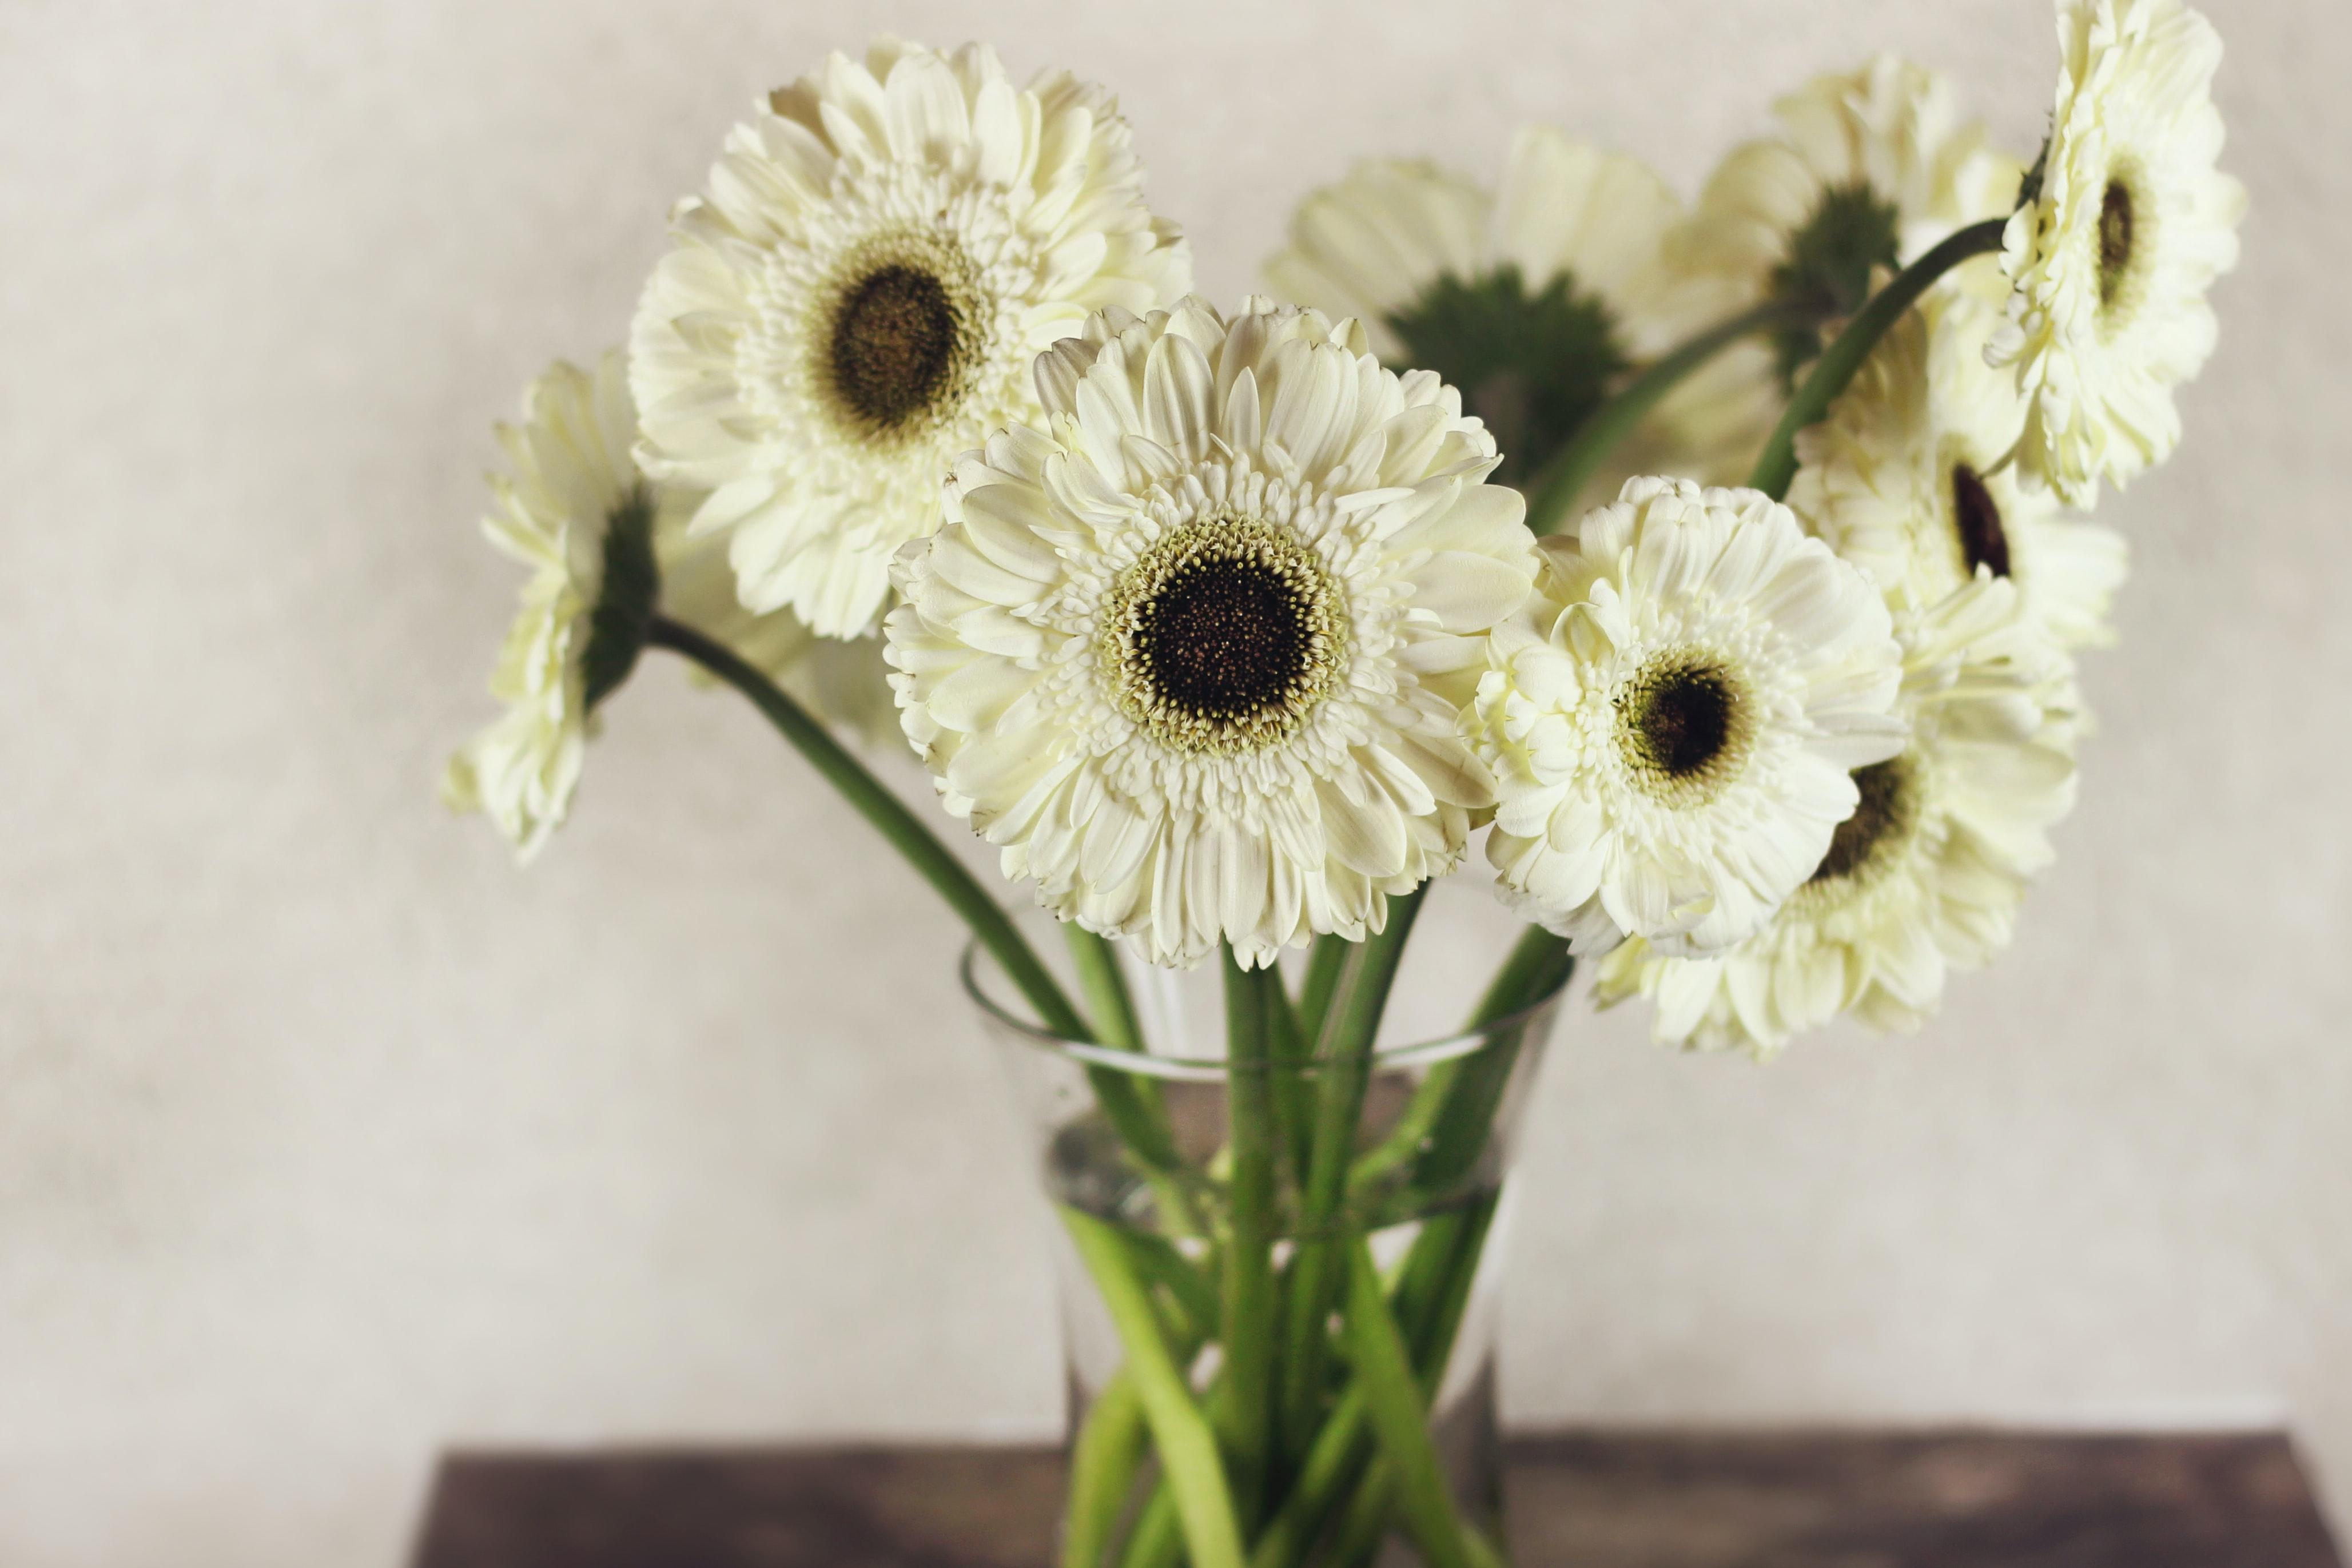 通年で出回っていて人気なお花でもあるため、花屋さんの取り扱いも多いガーベラ。開花期は春~夏前と夏の終わり~秋前。ちょうど今頃が旬なお花です。